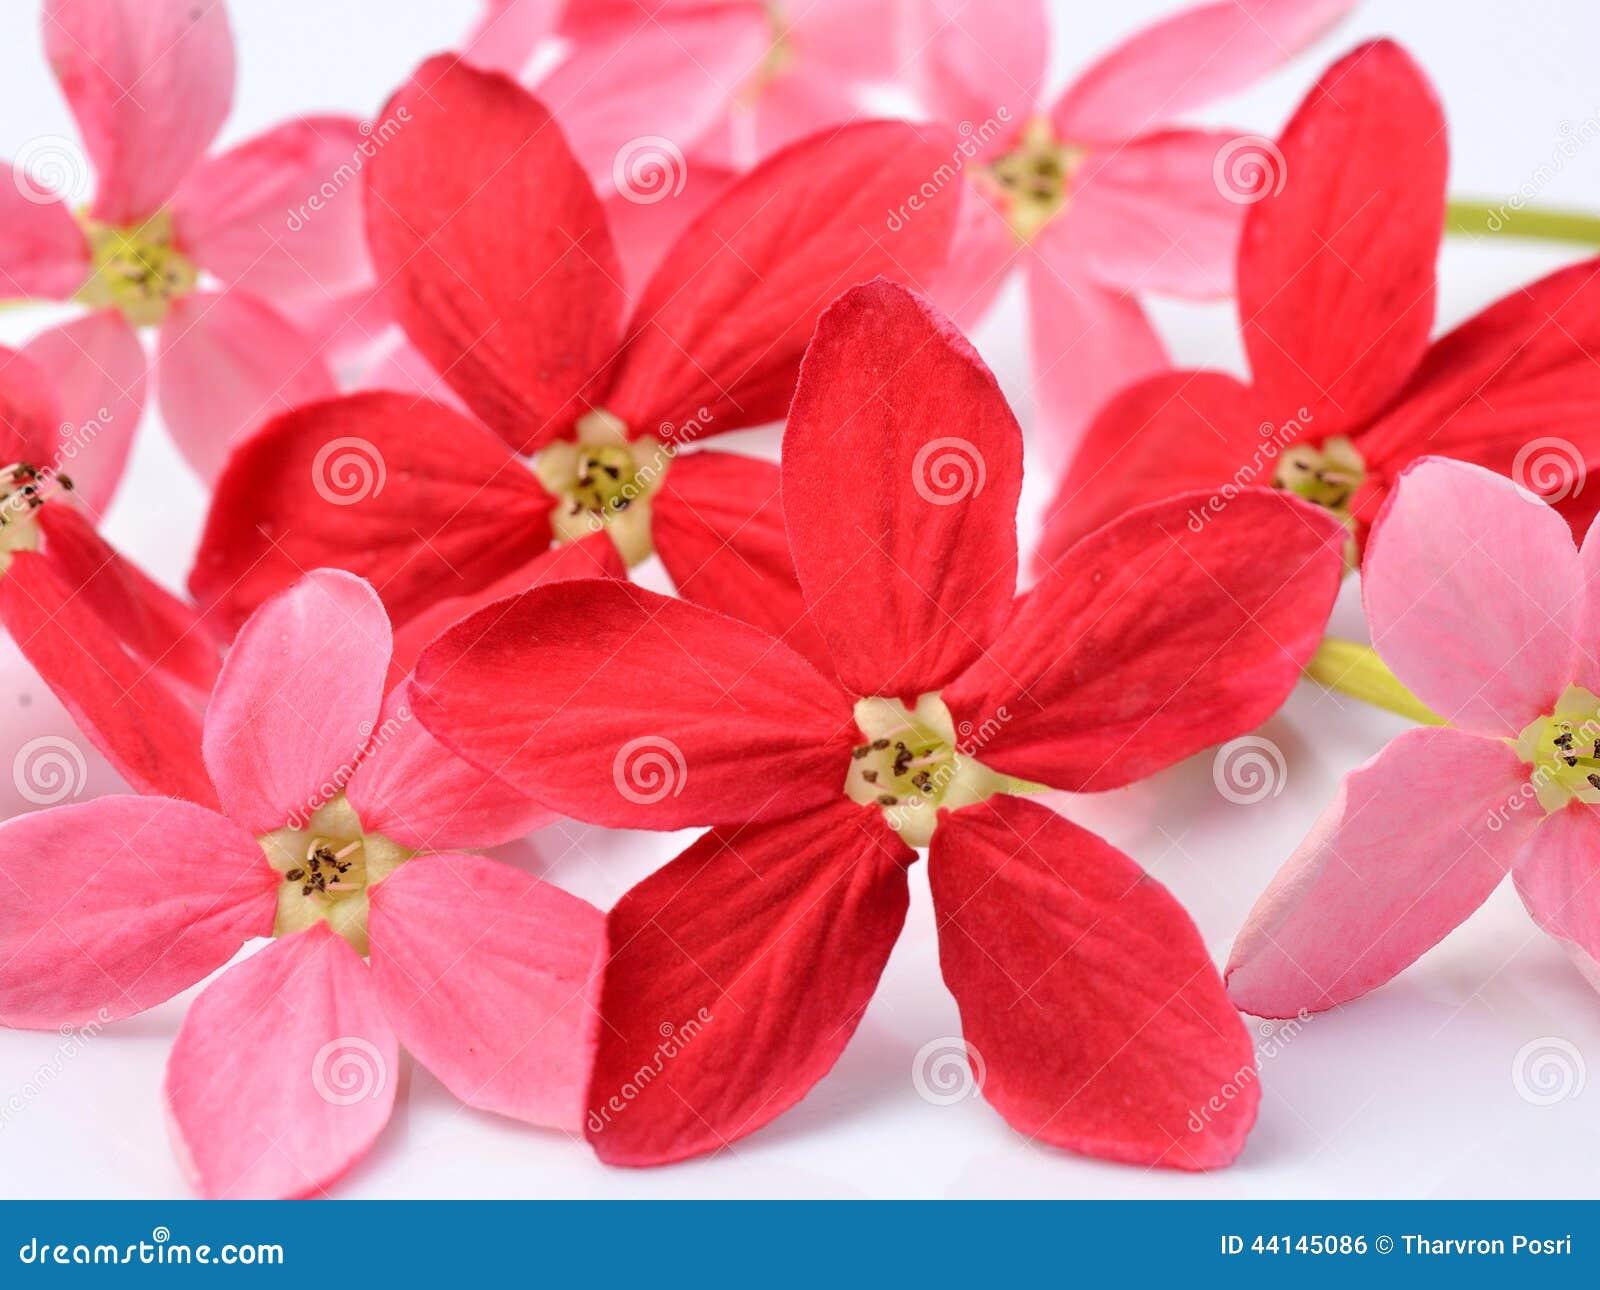 Fleur rouge de plante grimpante de rangoon sur le fond blanc photo stock image 44145086 - Plante fleur rouge ...